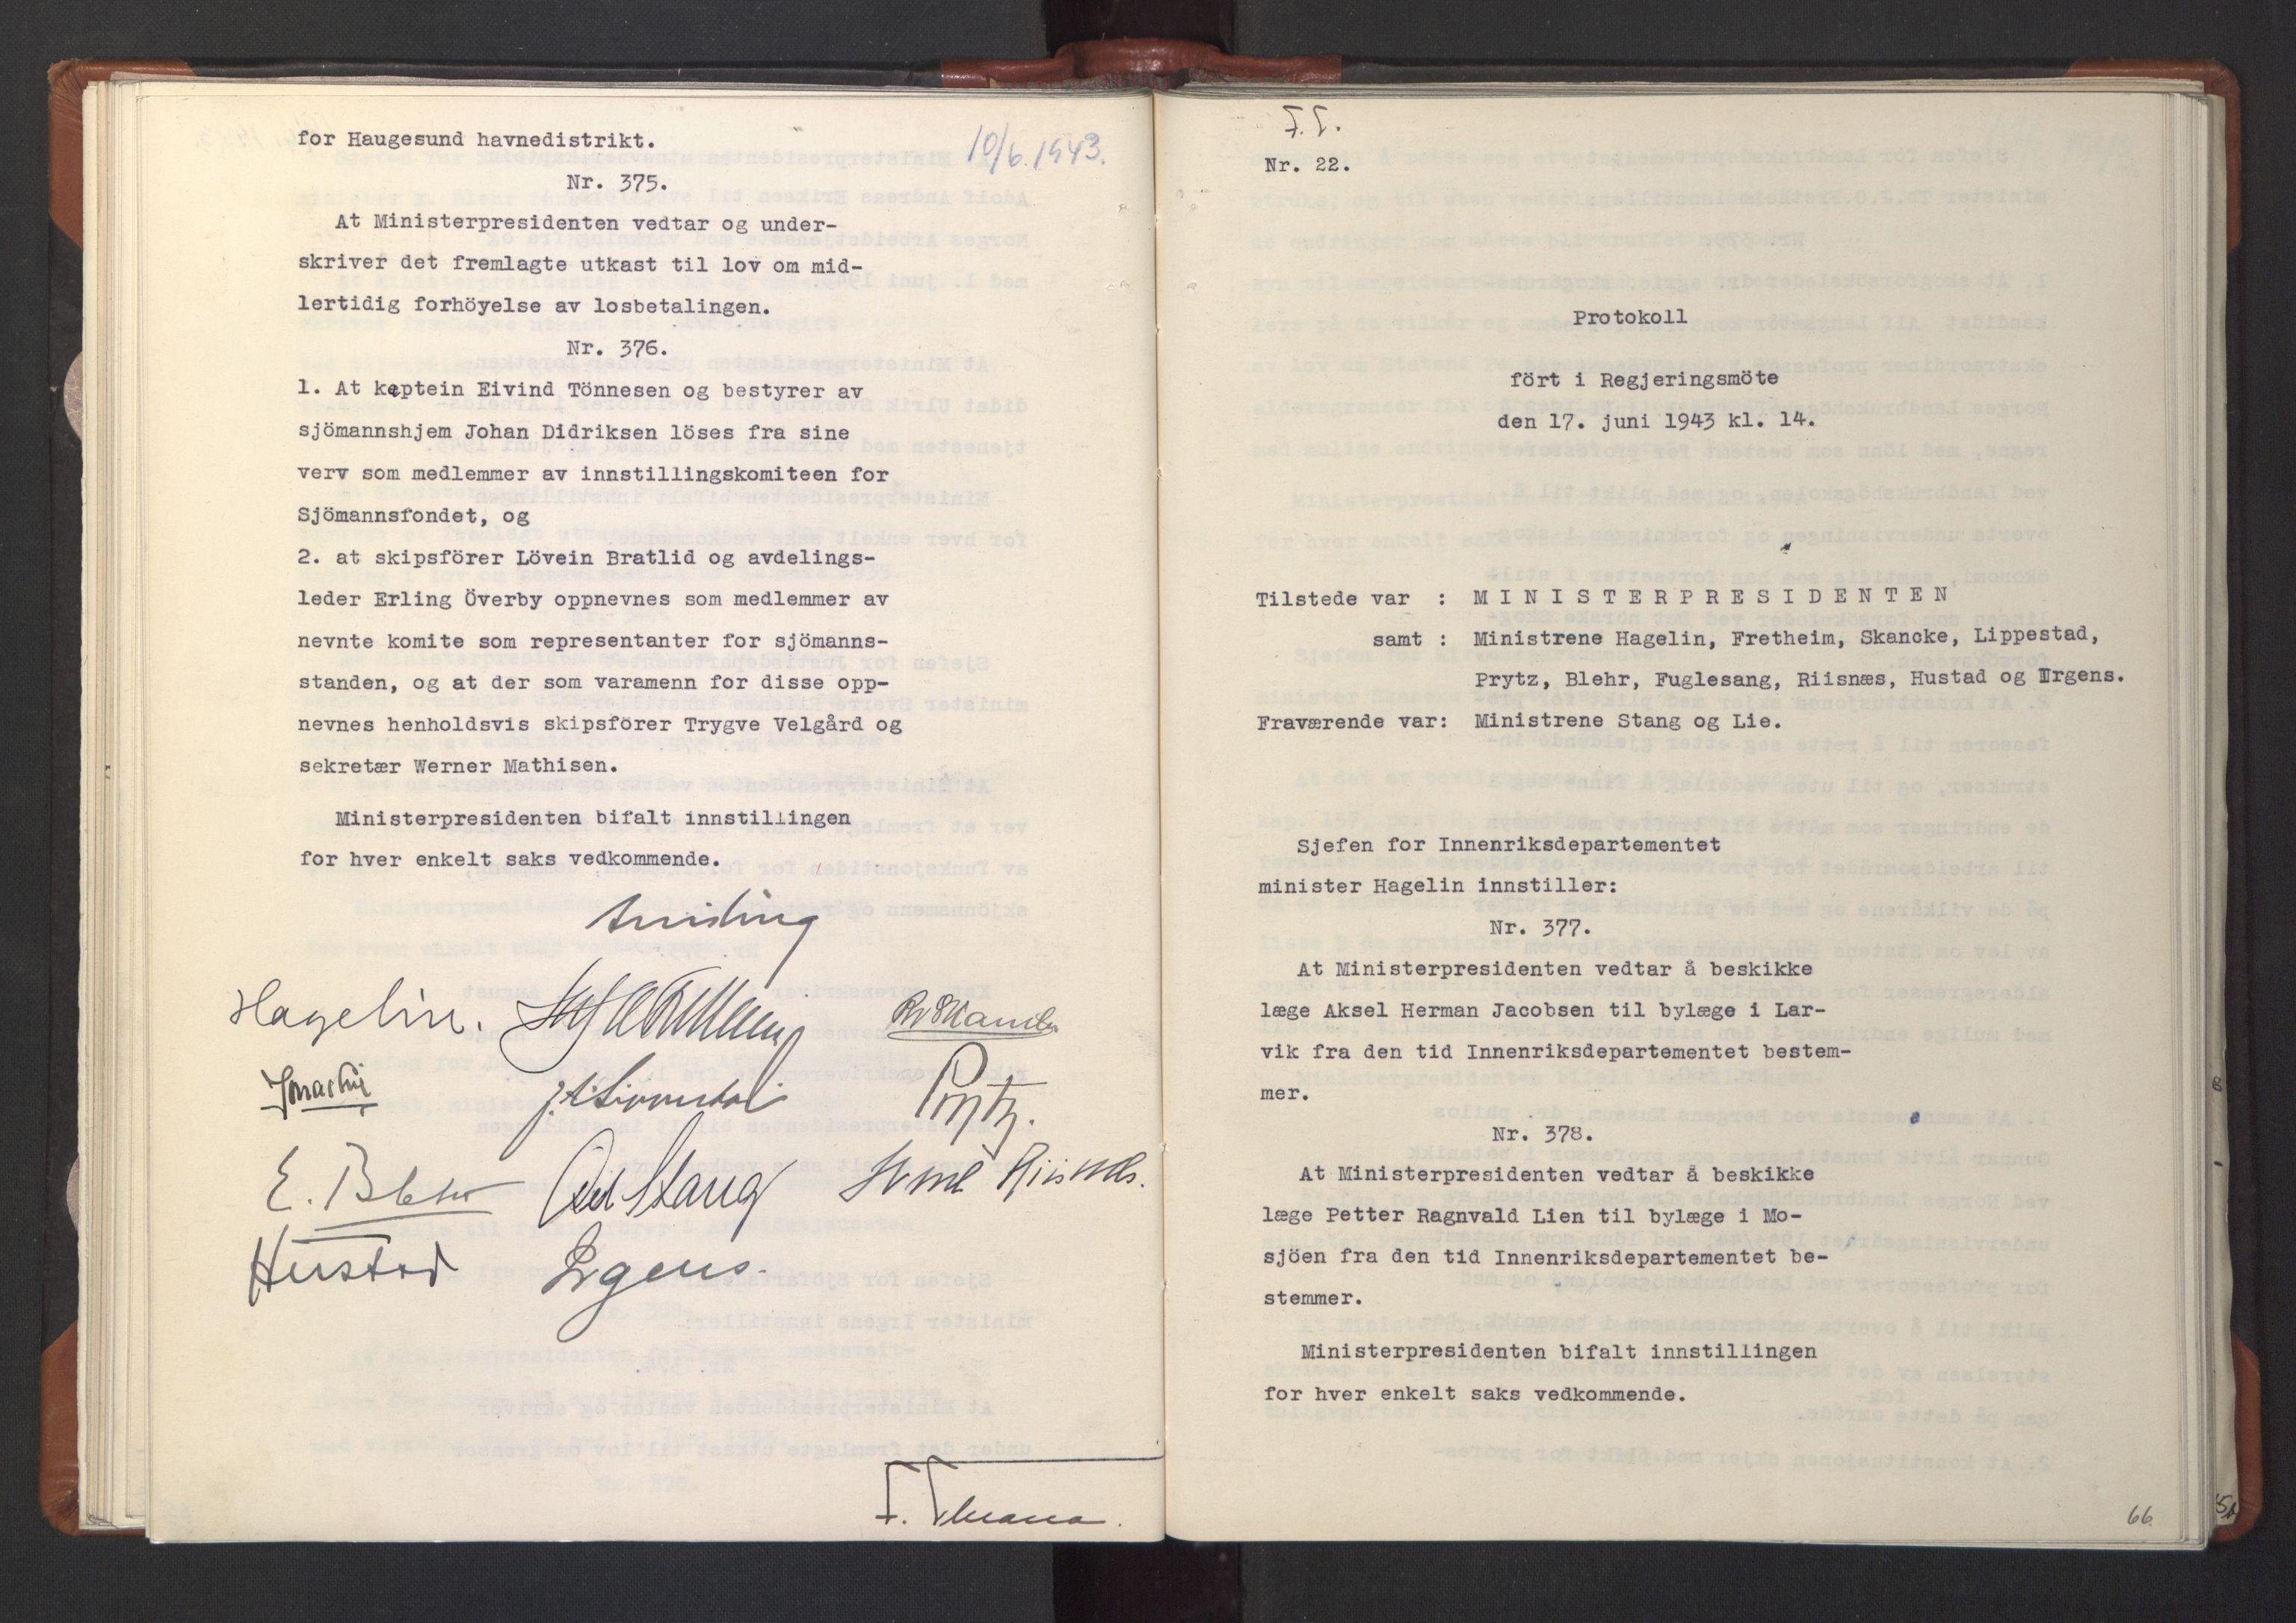 RA, NS-administrasjonen 1940-1945 (Statsrådsekretariatet, de kommisariske statsråder mm), D/Da/L0003: Vedtak (Beslutninger) nr. 1-746 og tillegg nr. 1-47 (RA. j.nr. 1394/1944, tilgangsnr. 8/1944, 1943, s. 65b-66a